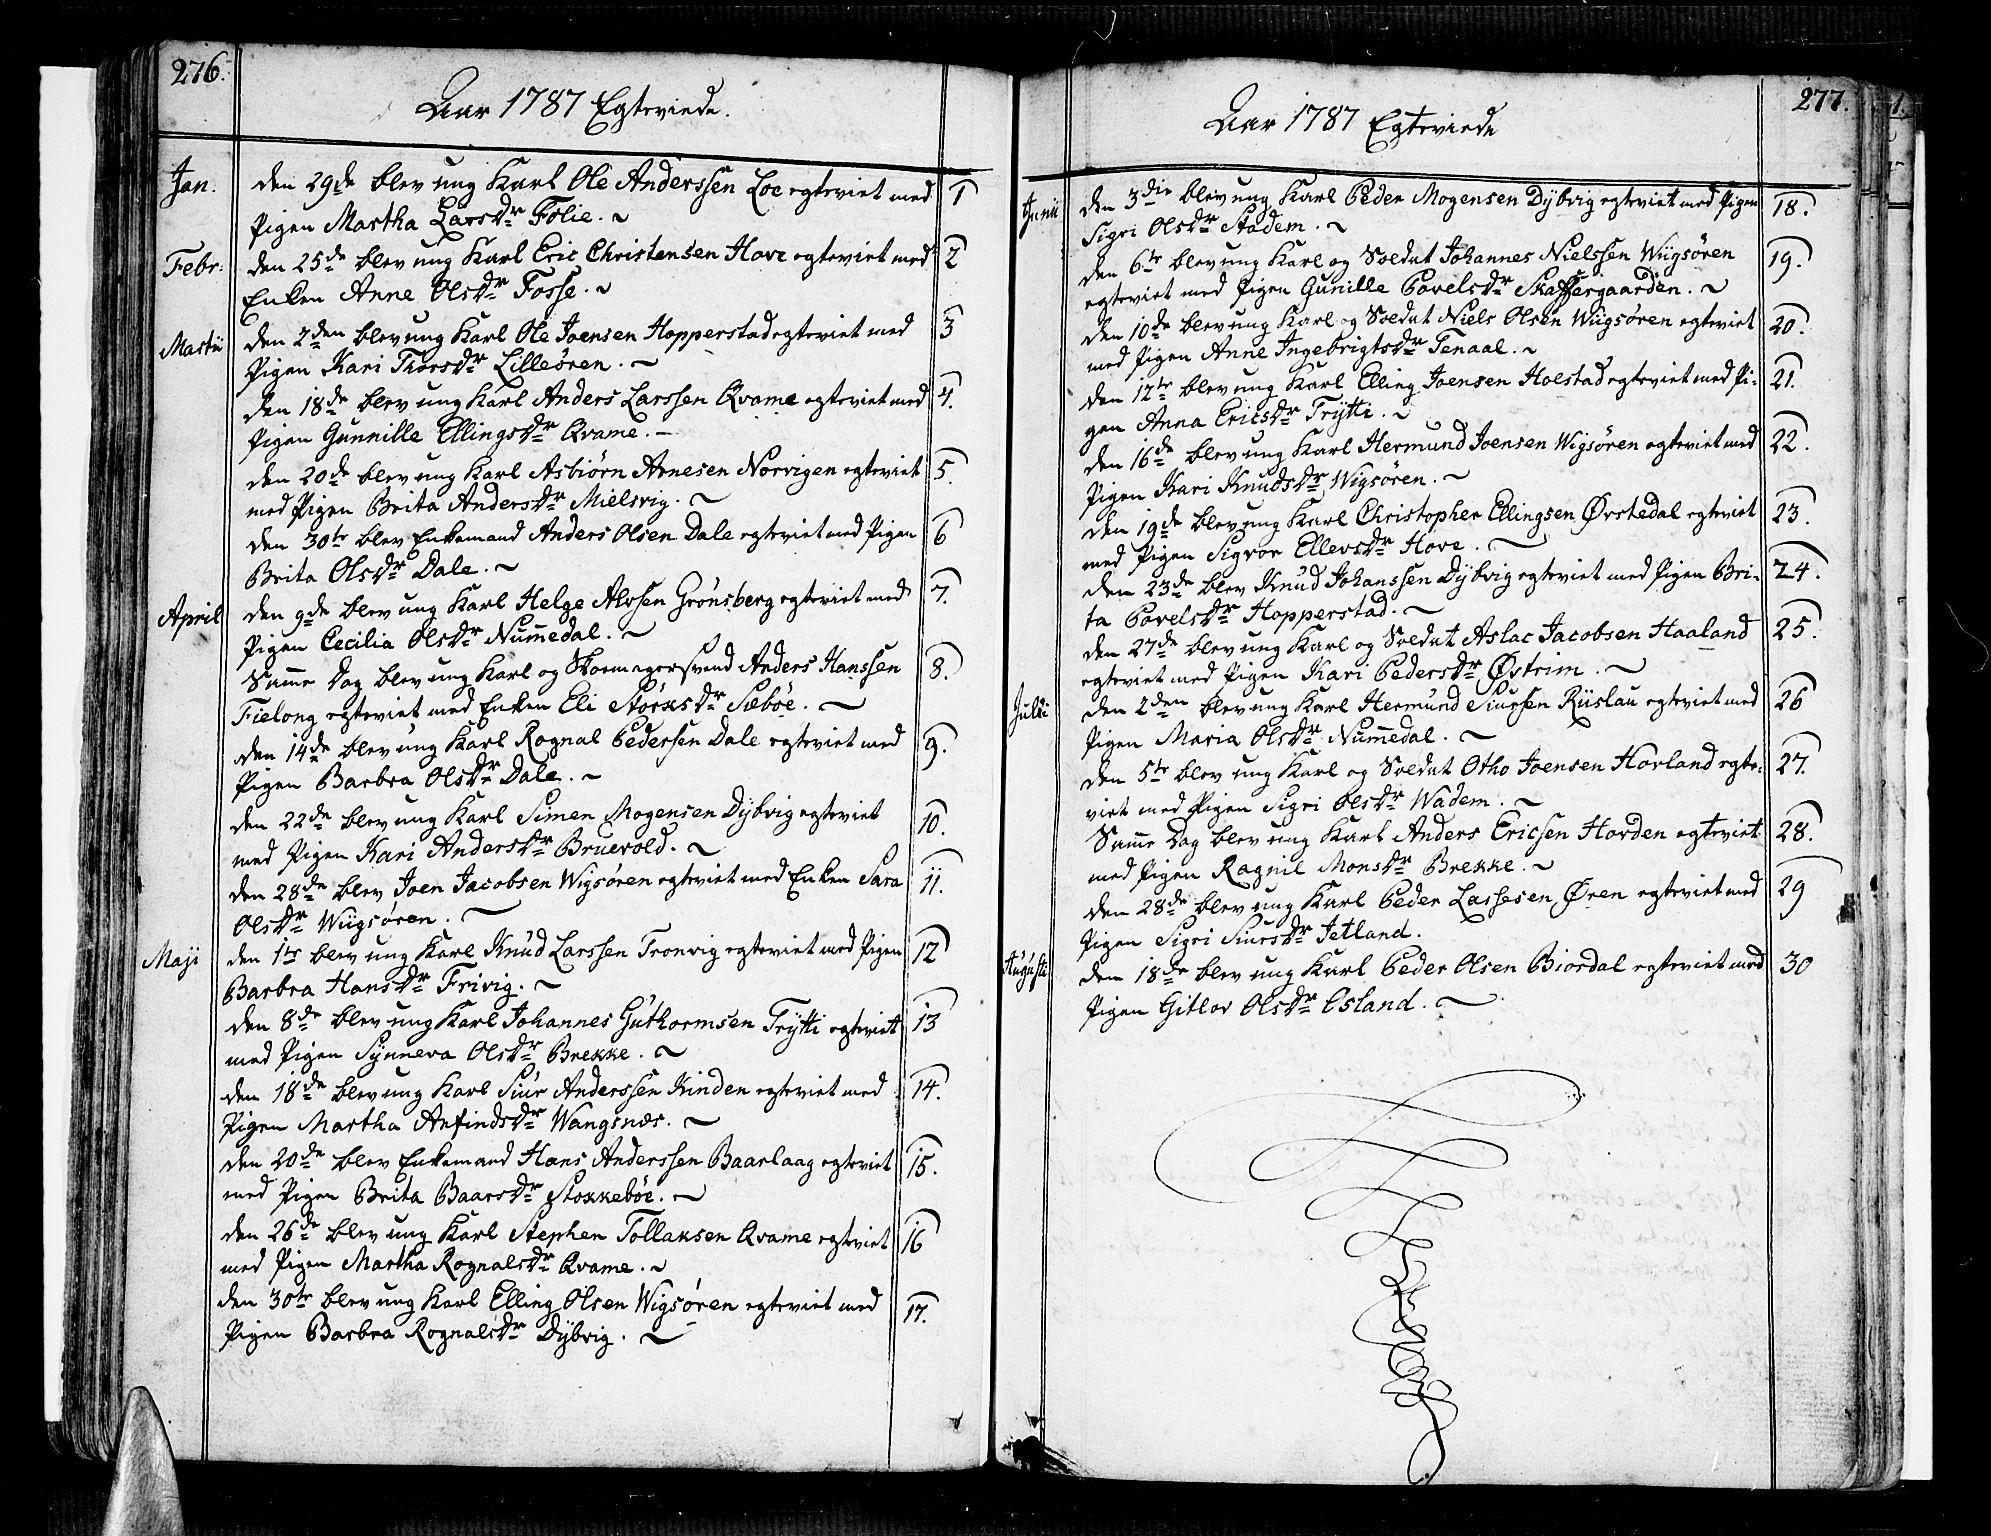 SAB, Vik Sokneprestembete, Ministerialbok nr. A 5, 1787-1820, s. 276-277